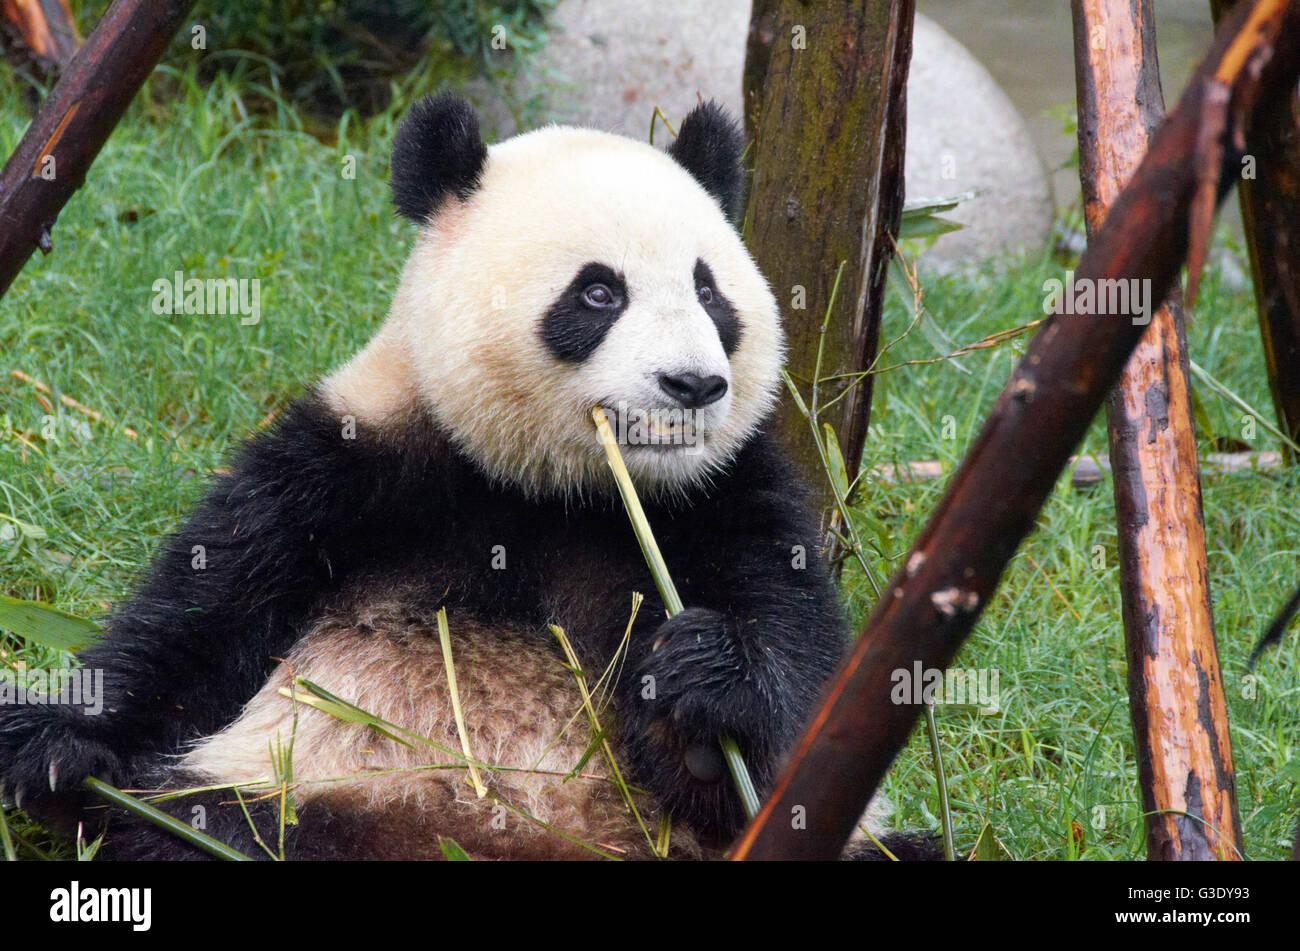 Oso Panda en Chengdu Base de investigación de Cría de Panda gigante Imagen De Stock